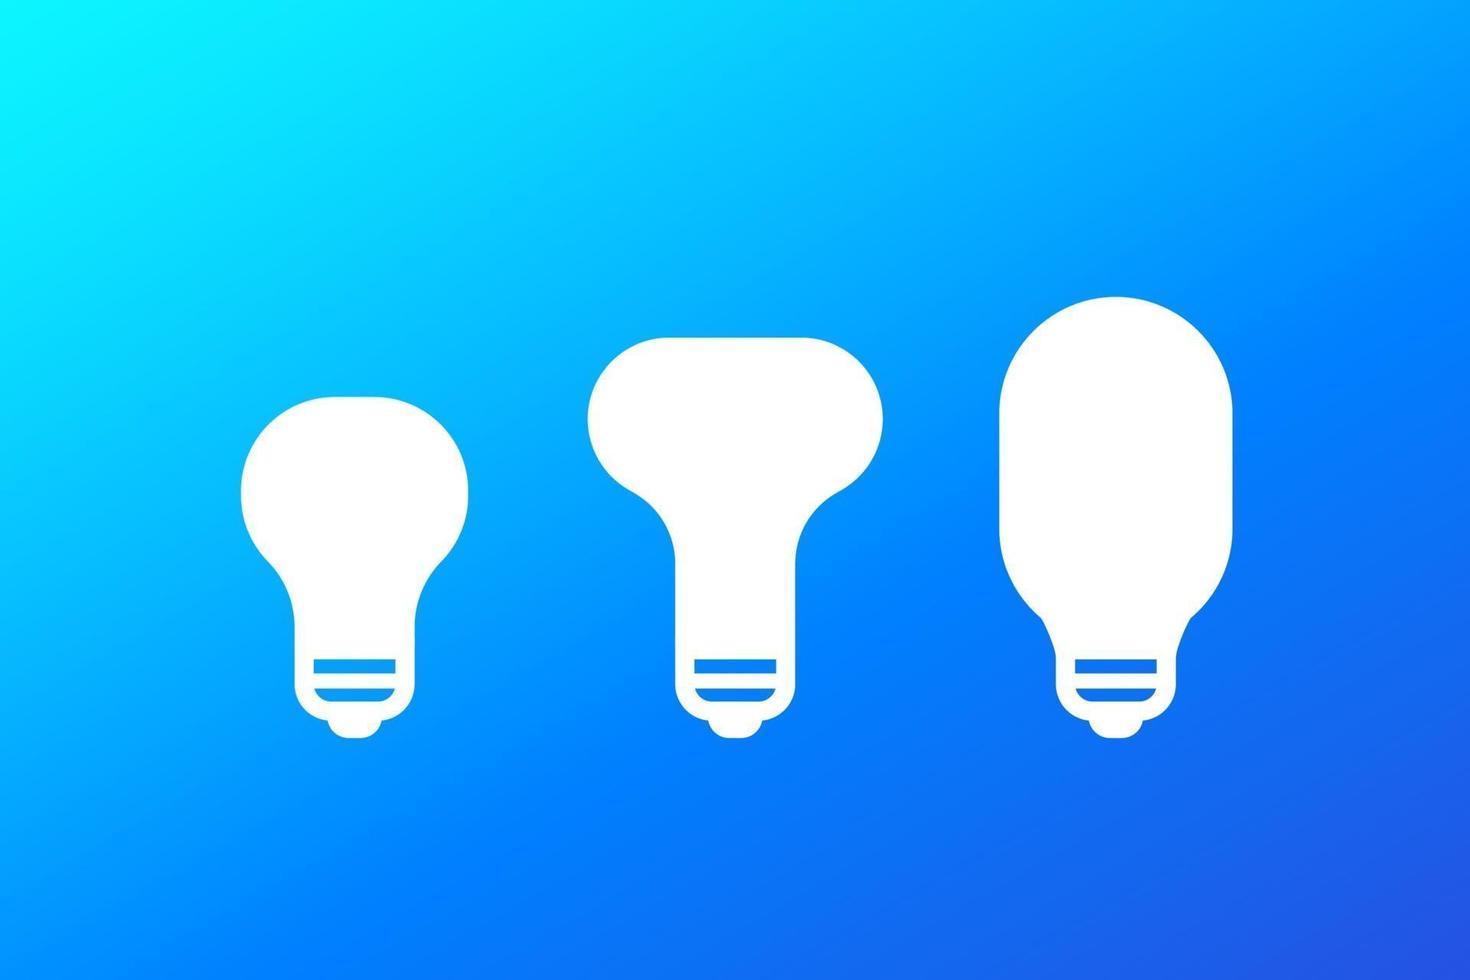 icone della lampadina a led, vector.eps vettore